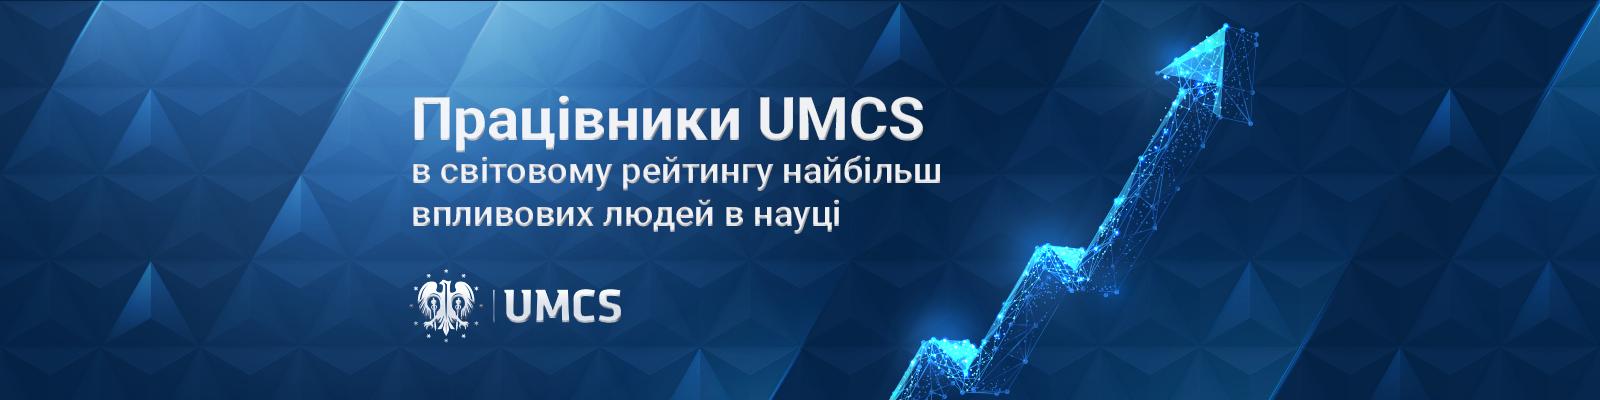 Працівники UMCS в світовому рейтингу найбільш впливових...